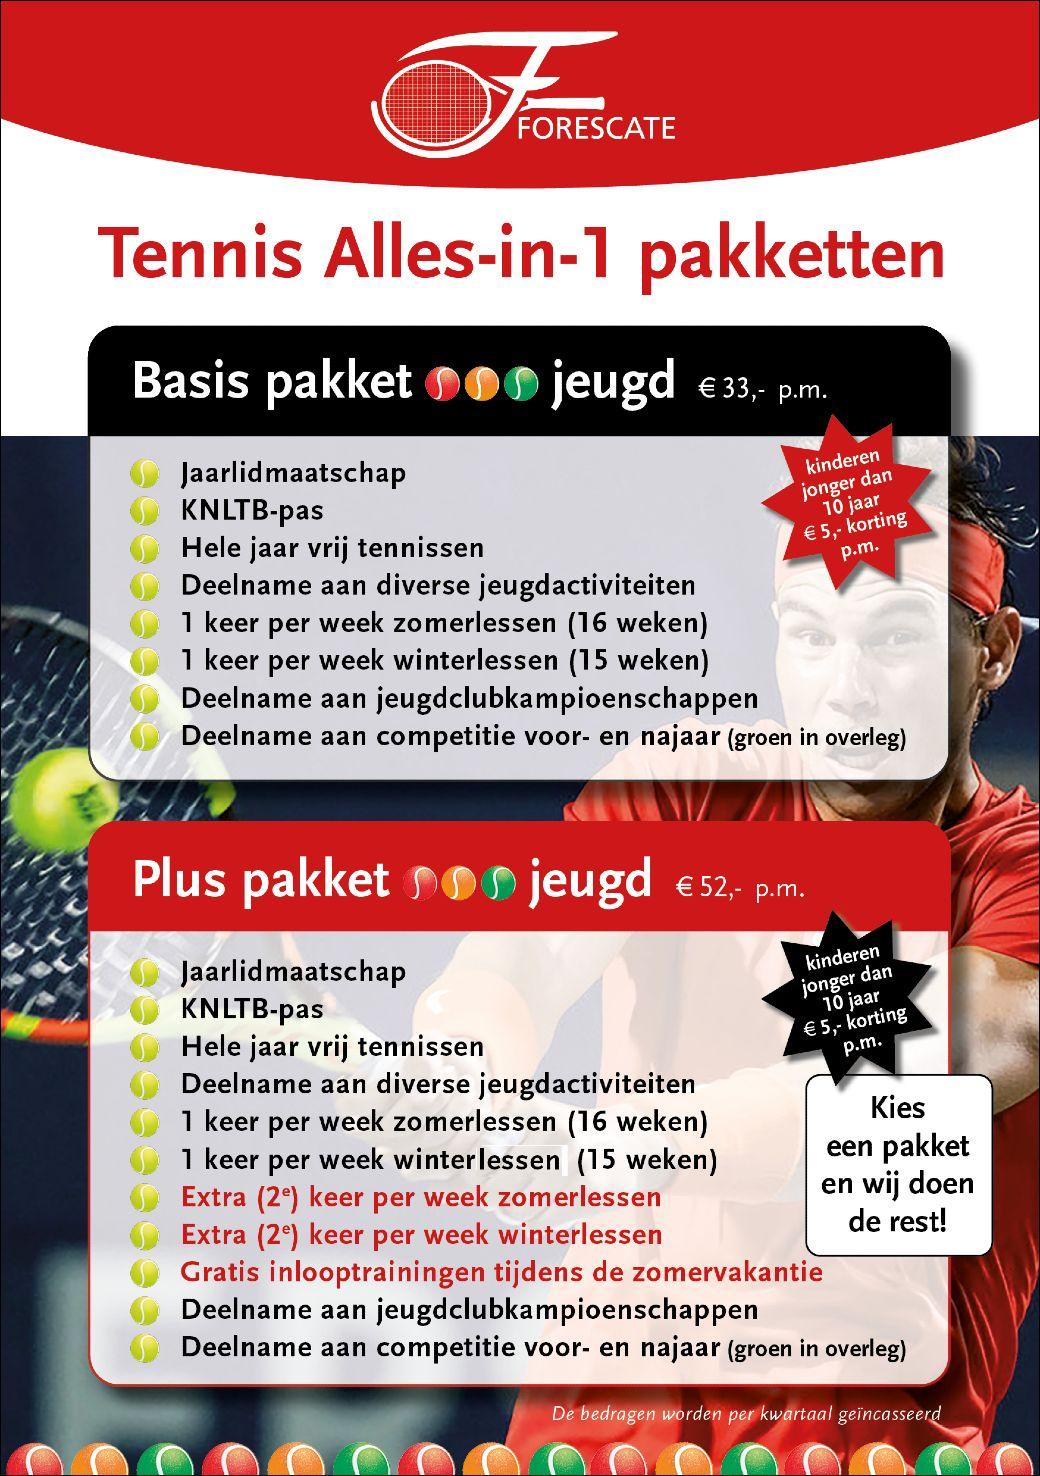 Tennis Alles-in-1 flyer